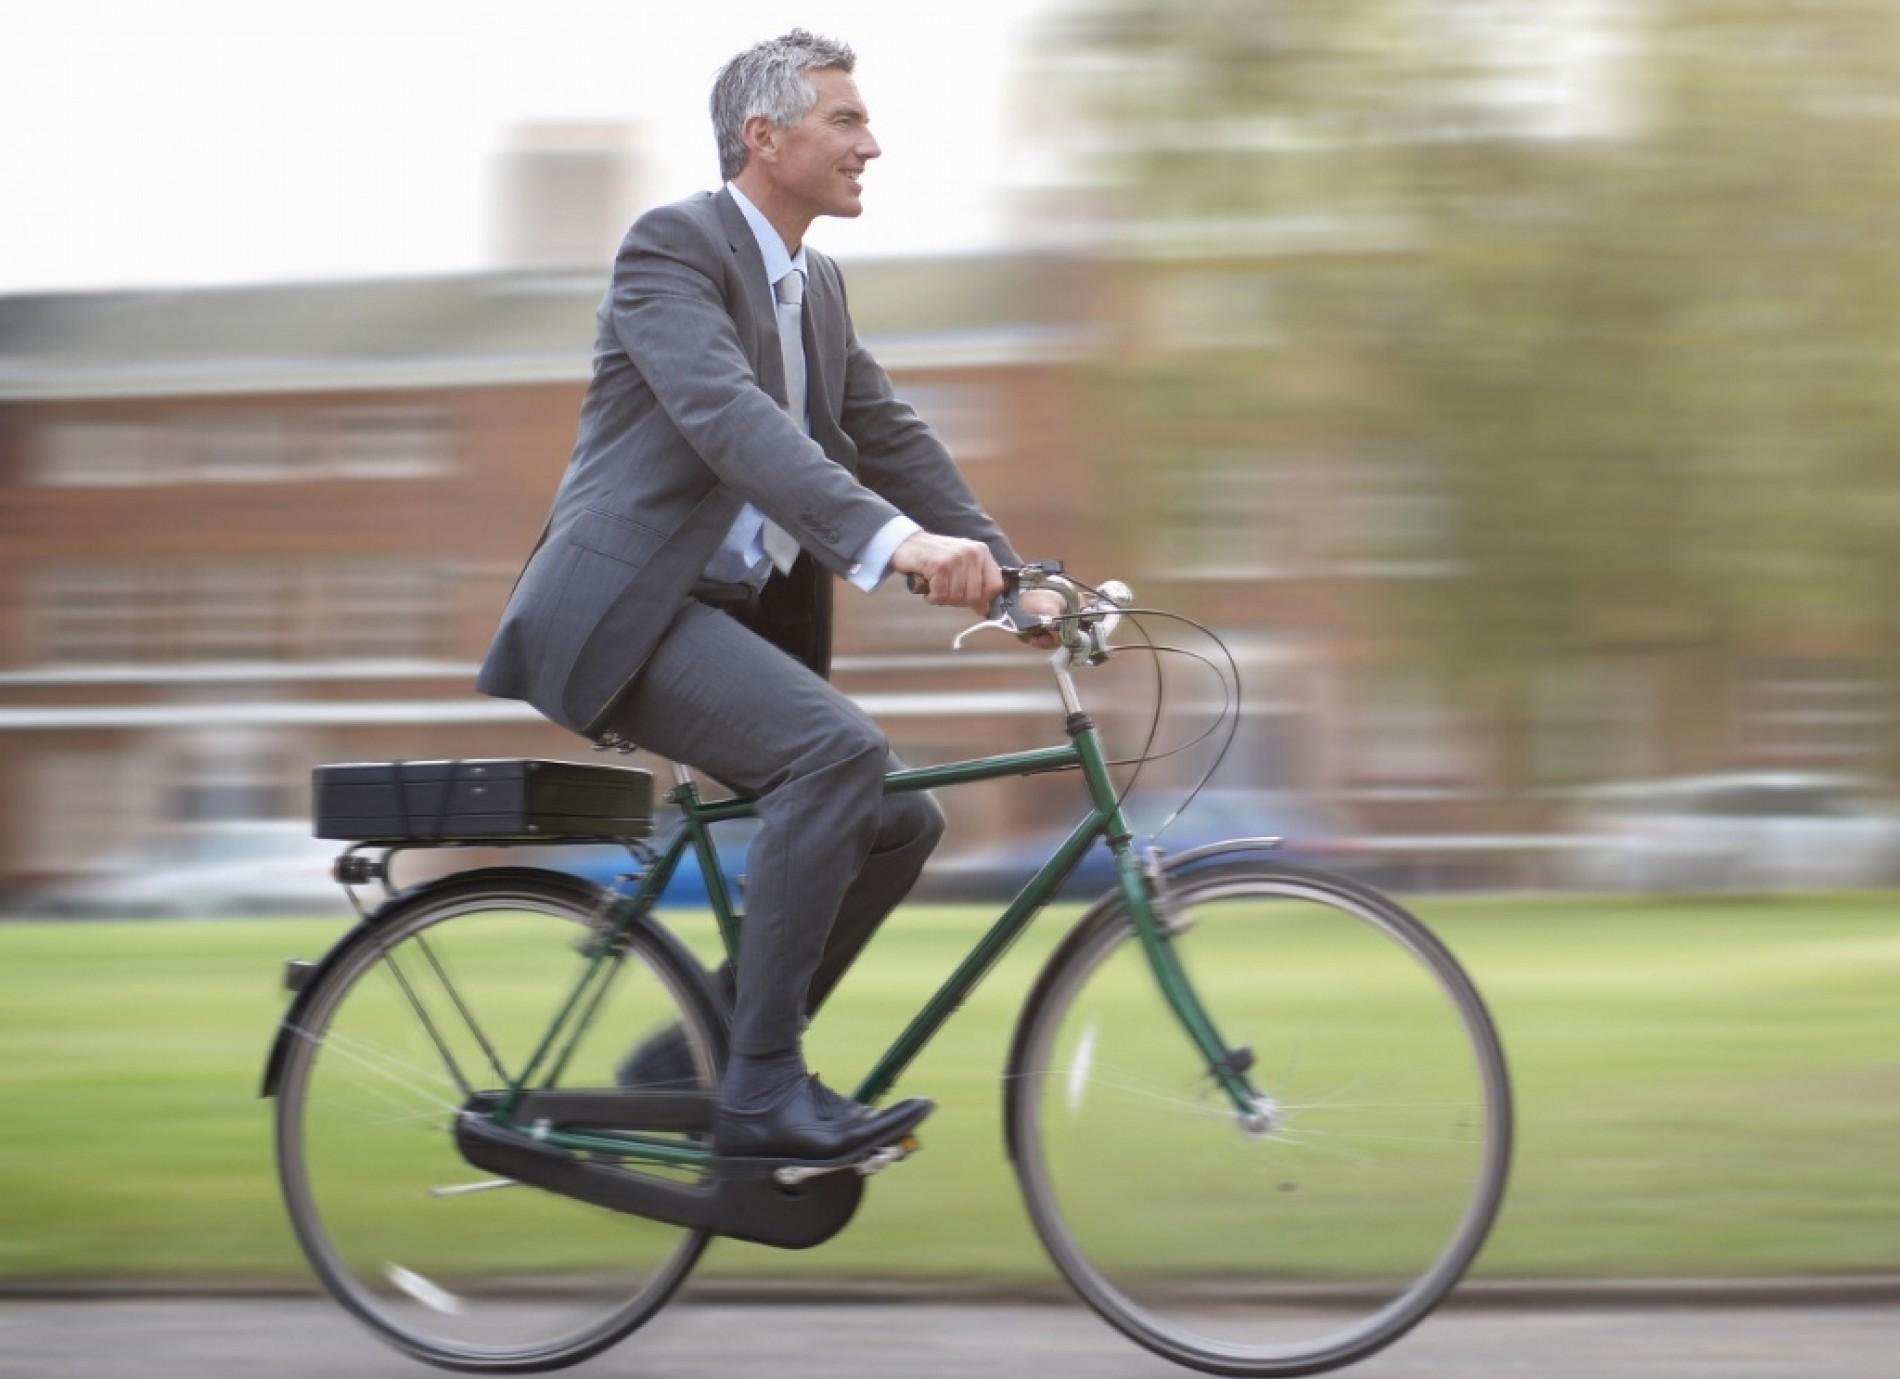 Ciclabilità urbana, chi il più virtuoso?